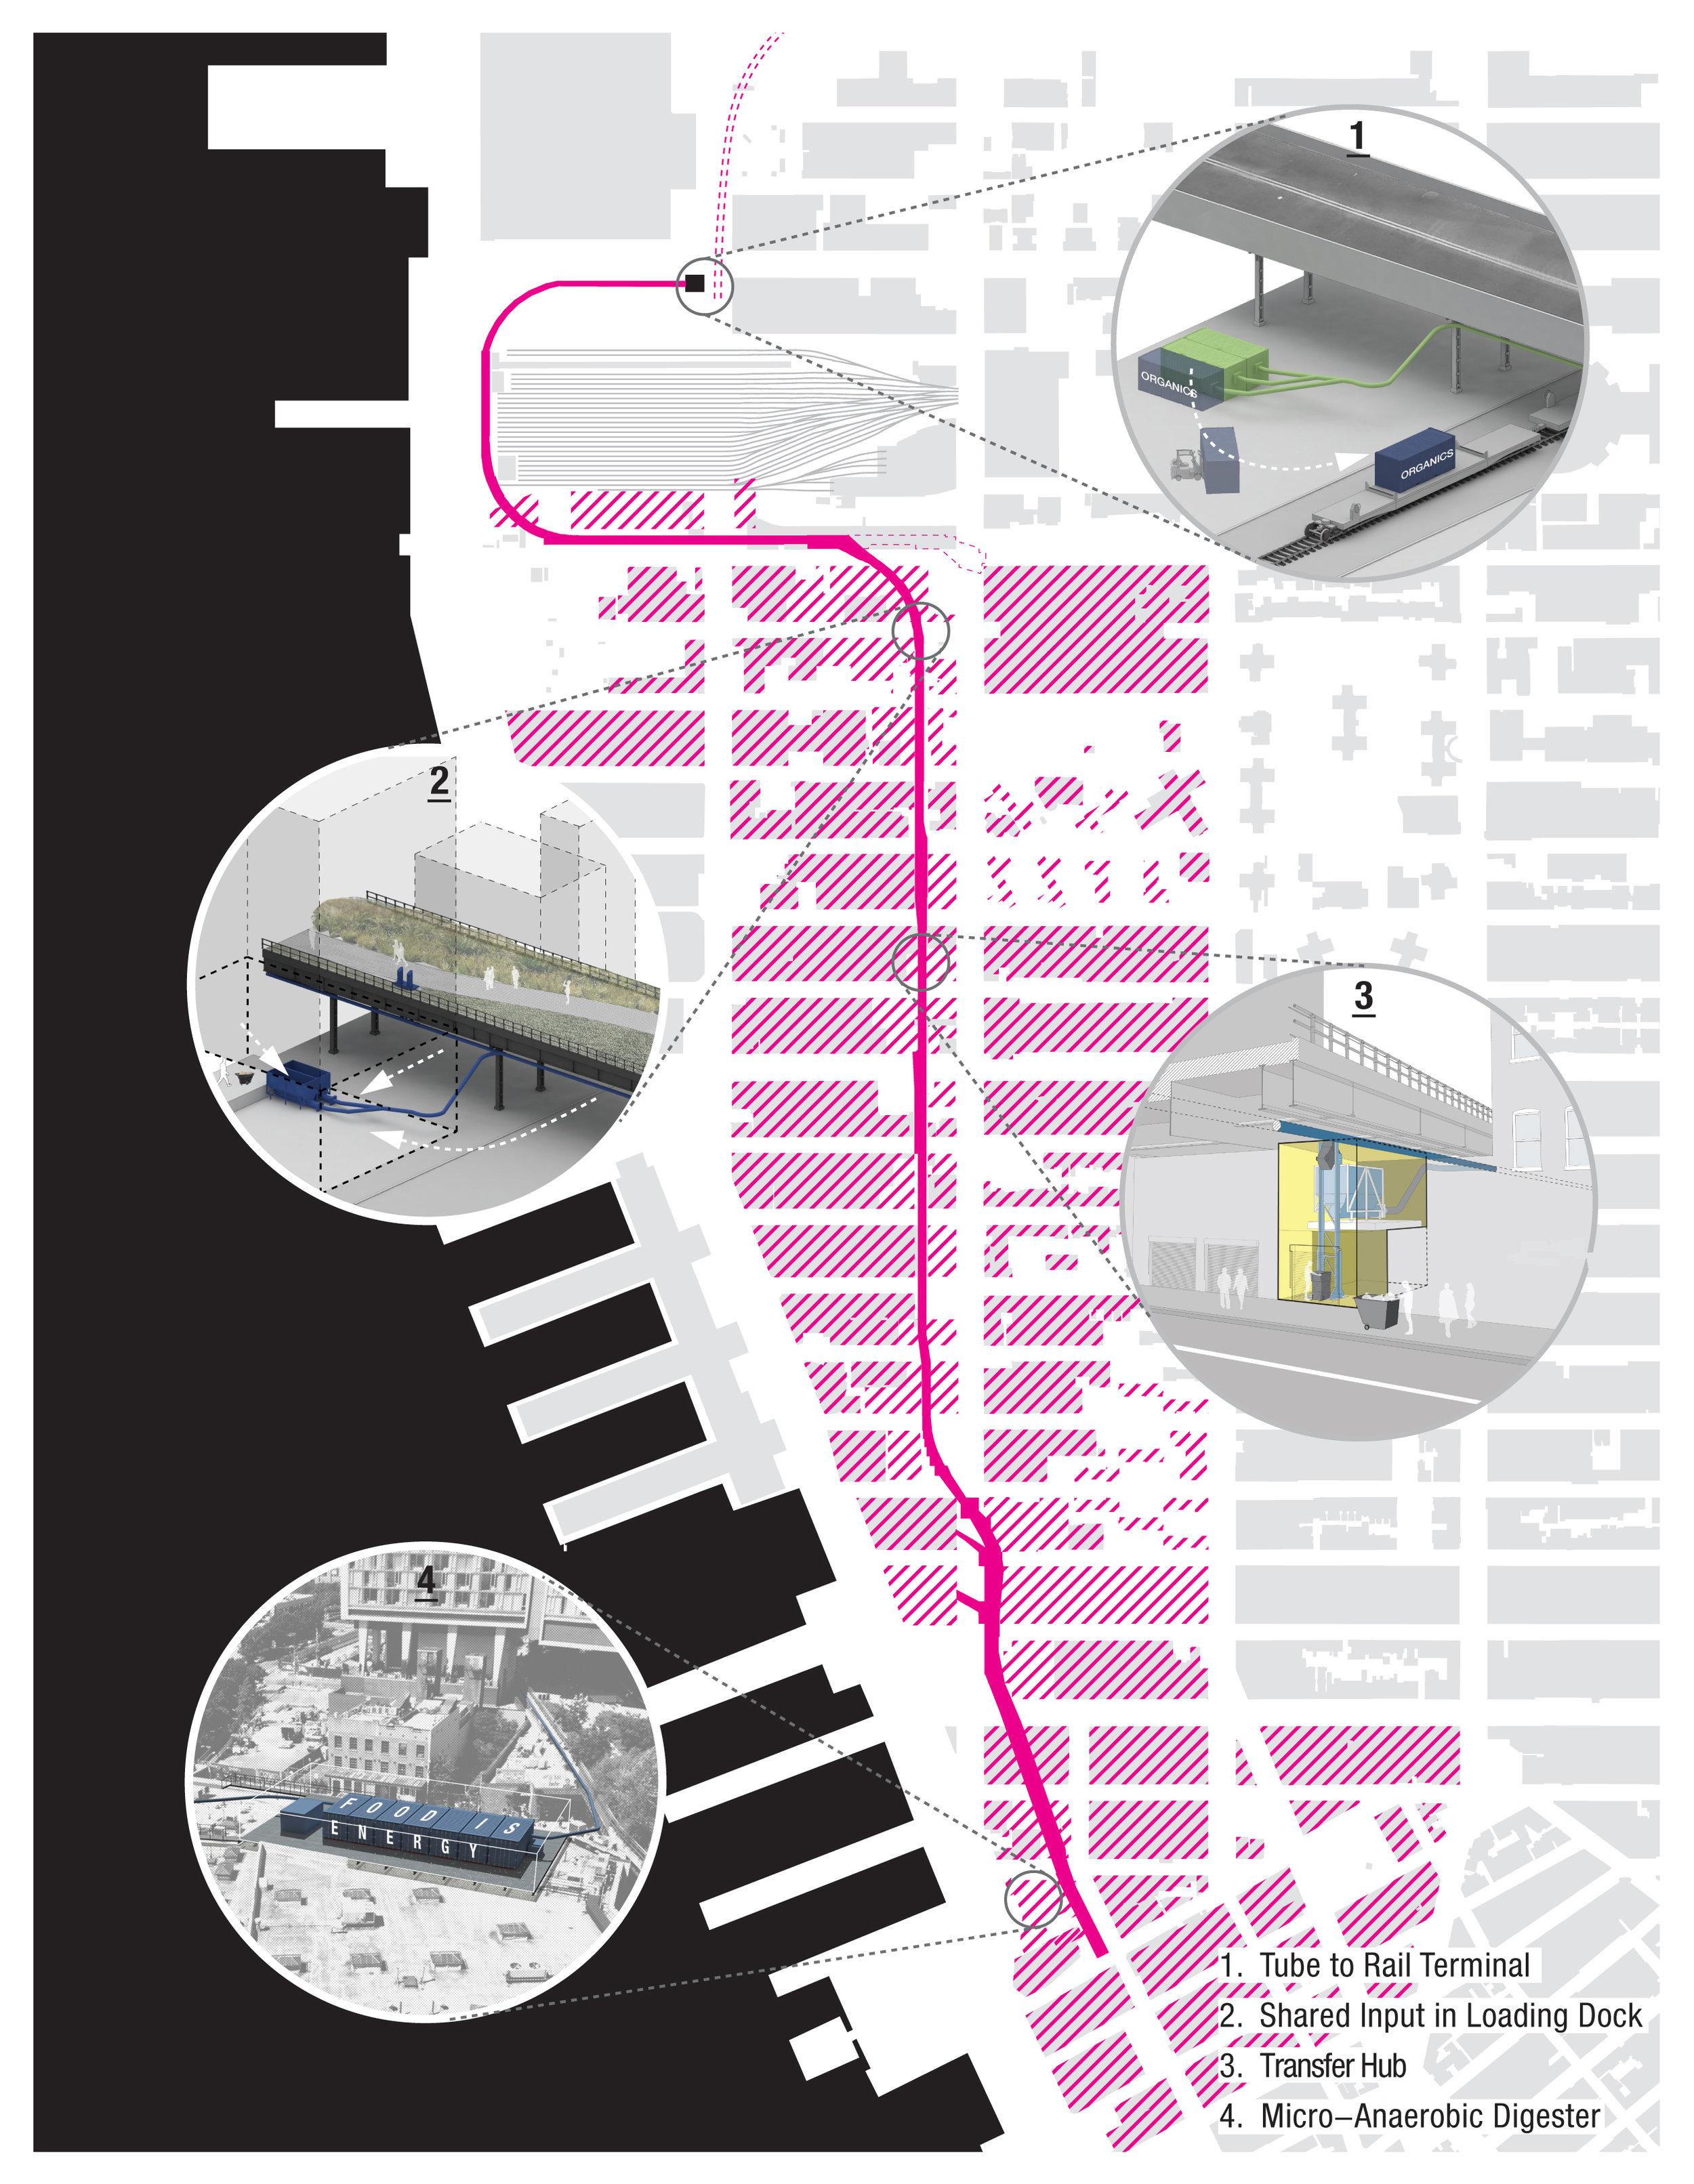 High Line Corridor Network, Image: Caliper Architecture